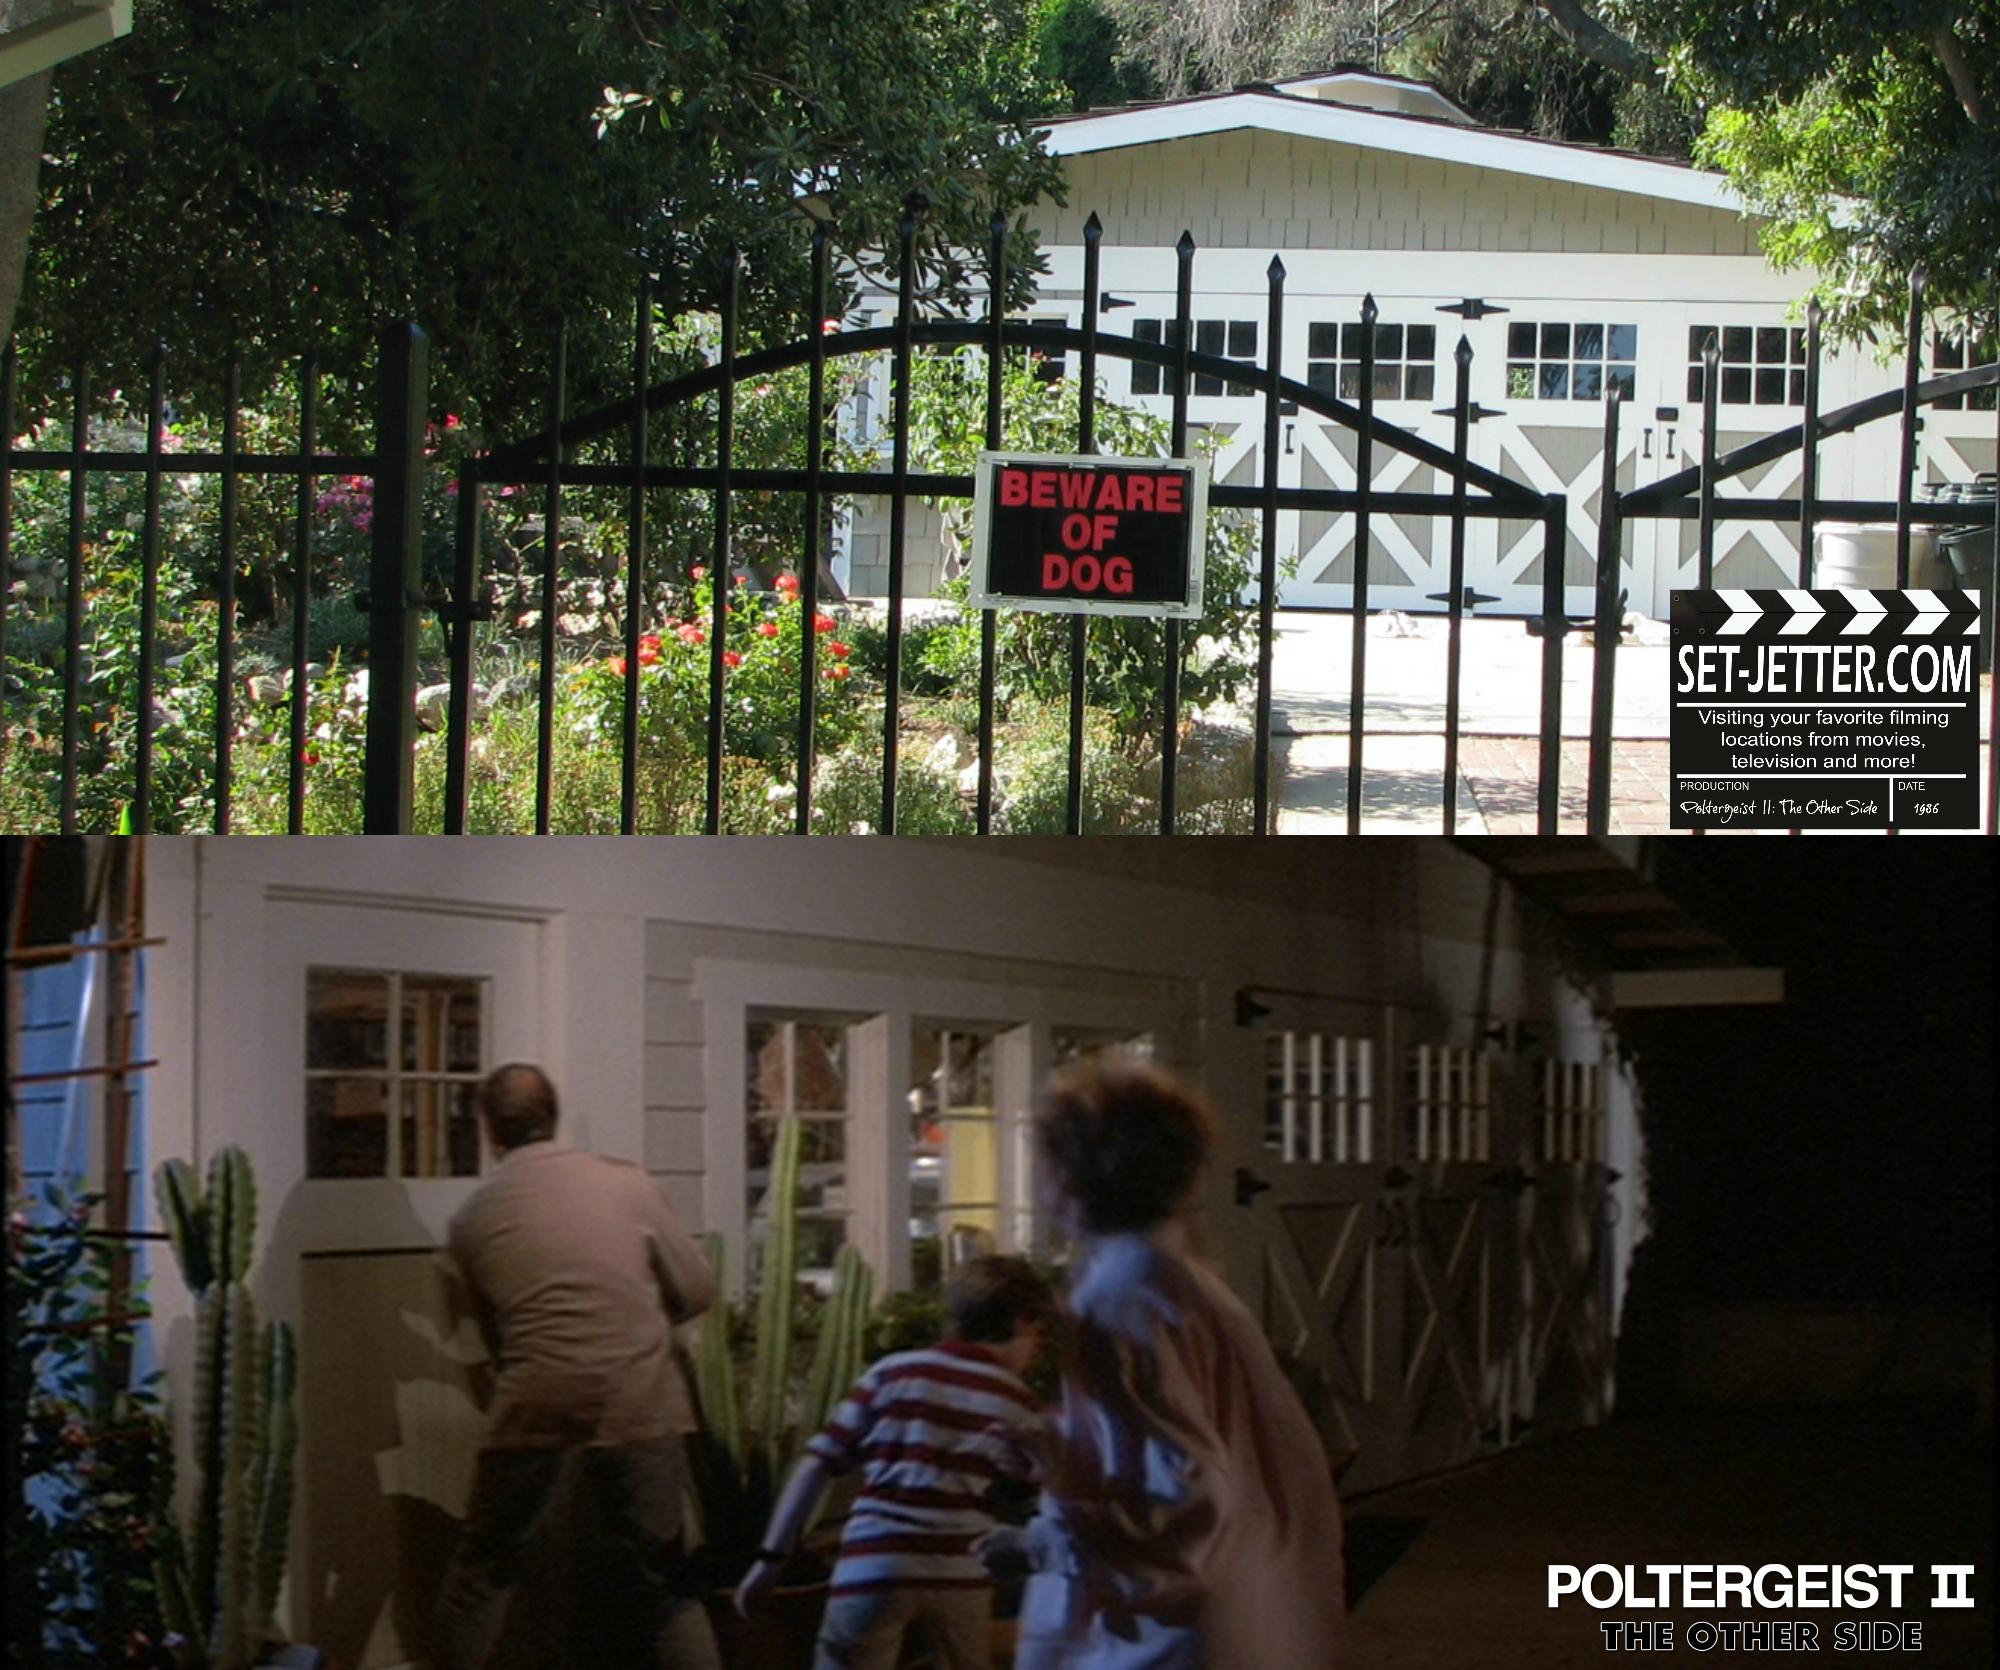 Poltergeist II comparison 52.jpg